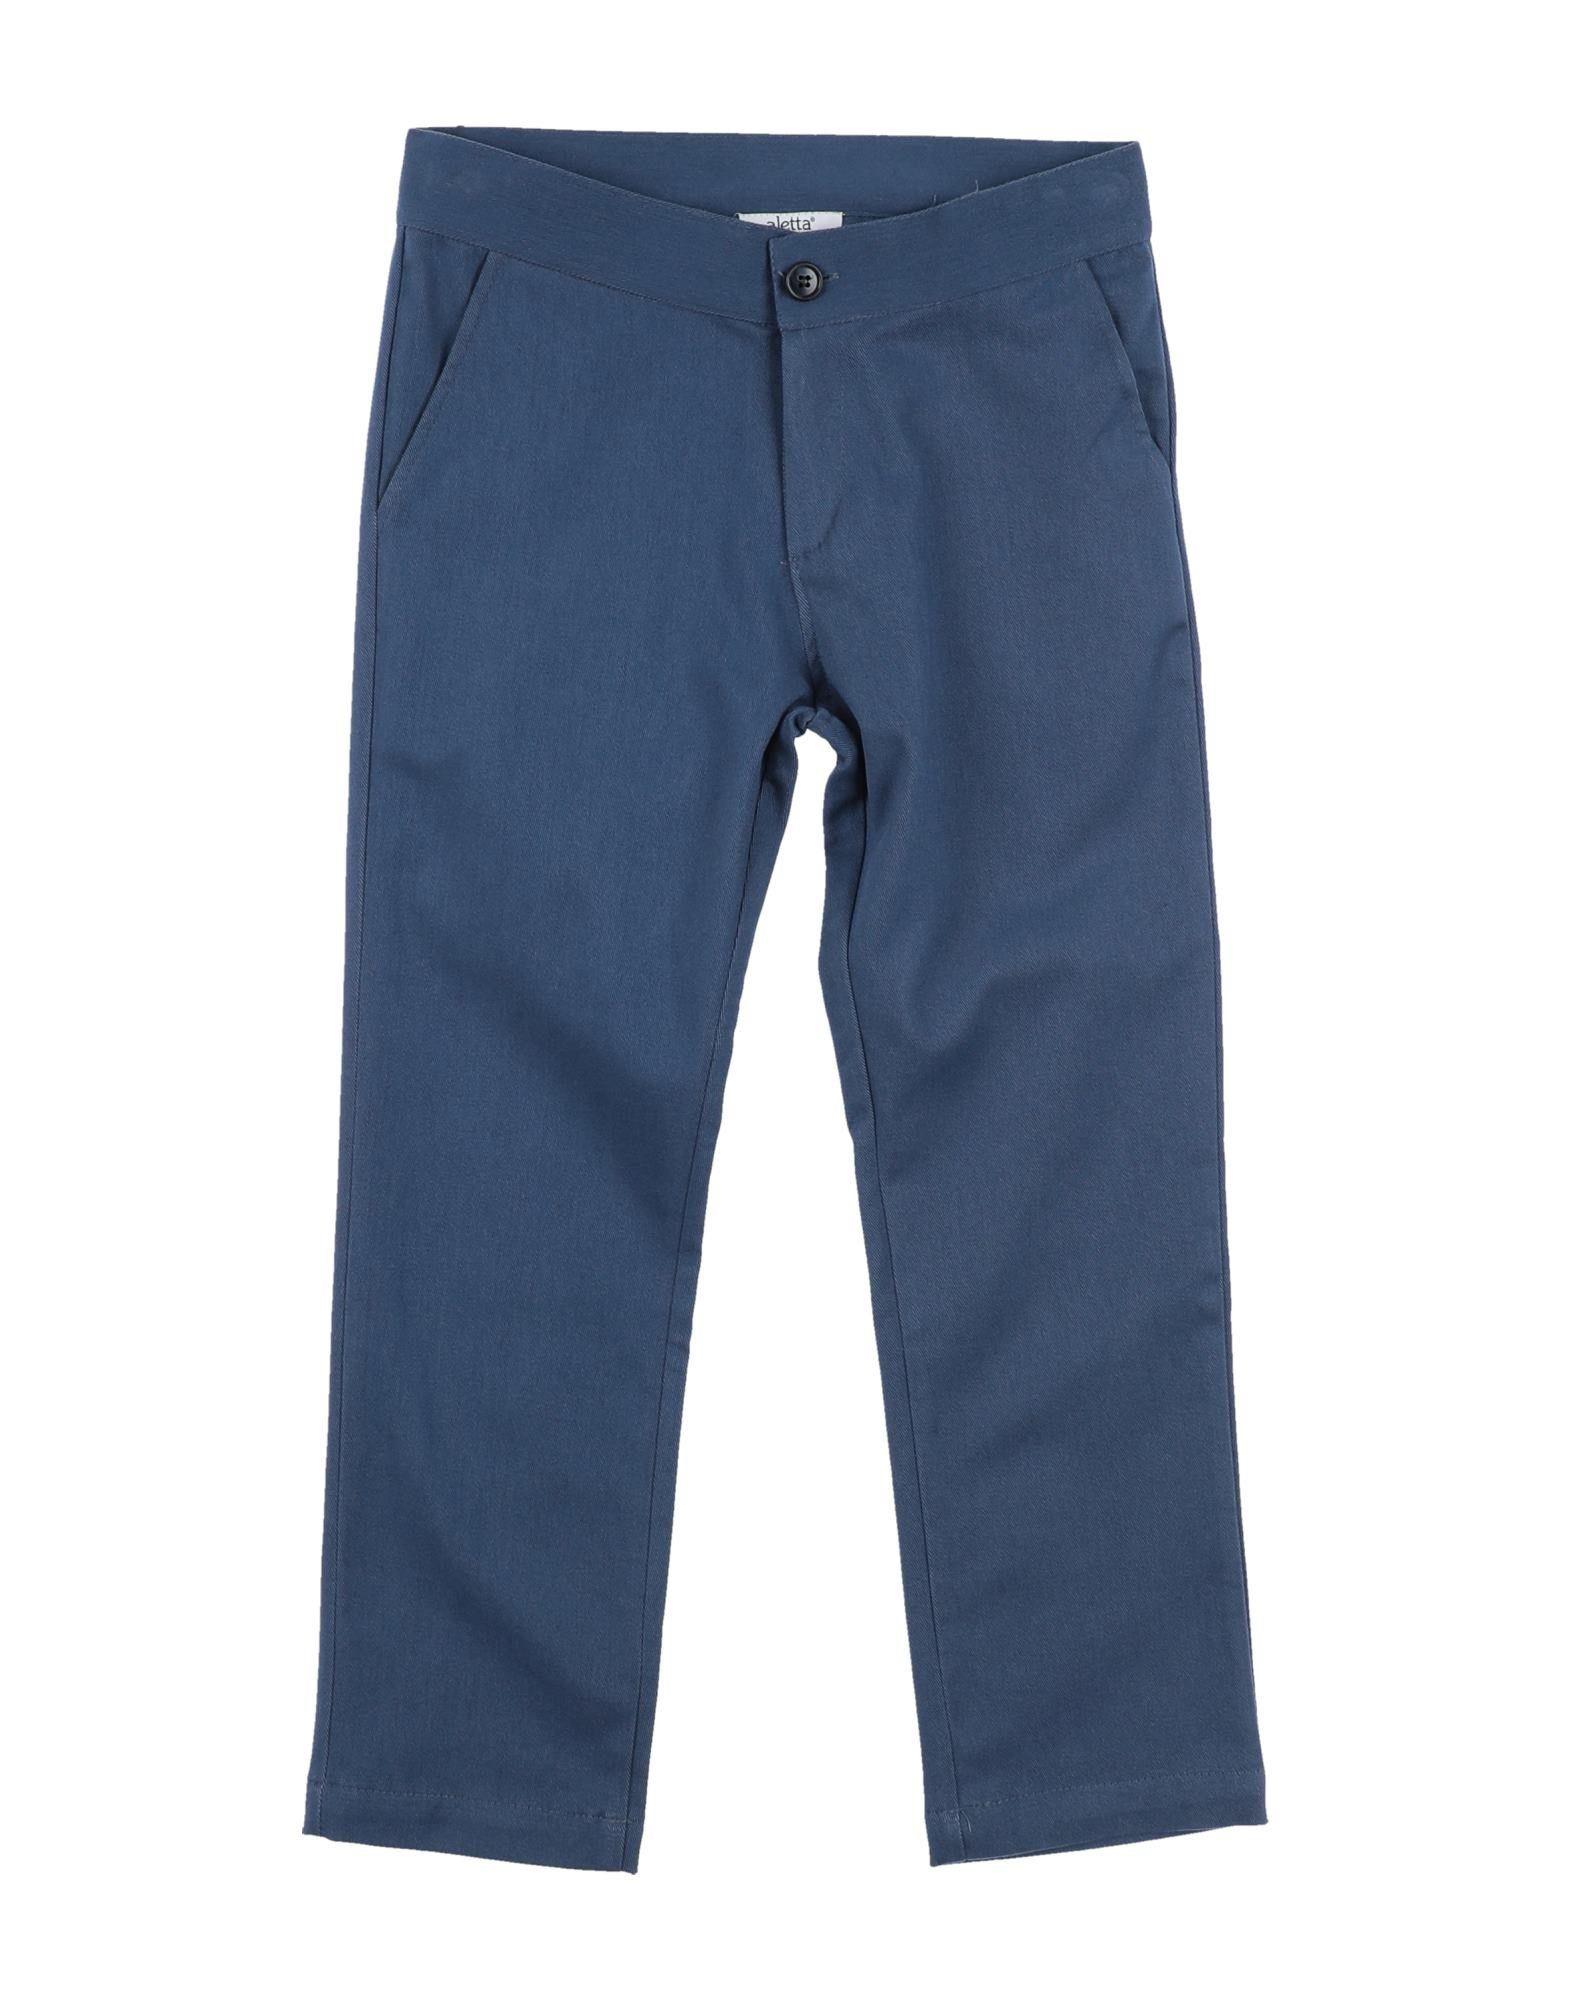 Aletta Kids' Casual Pants In Blue